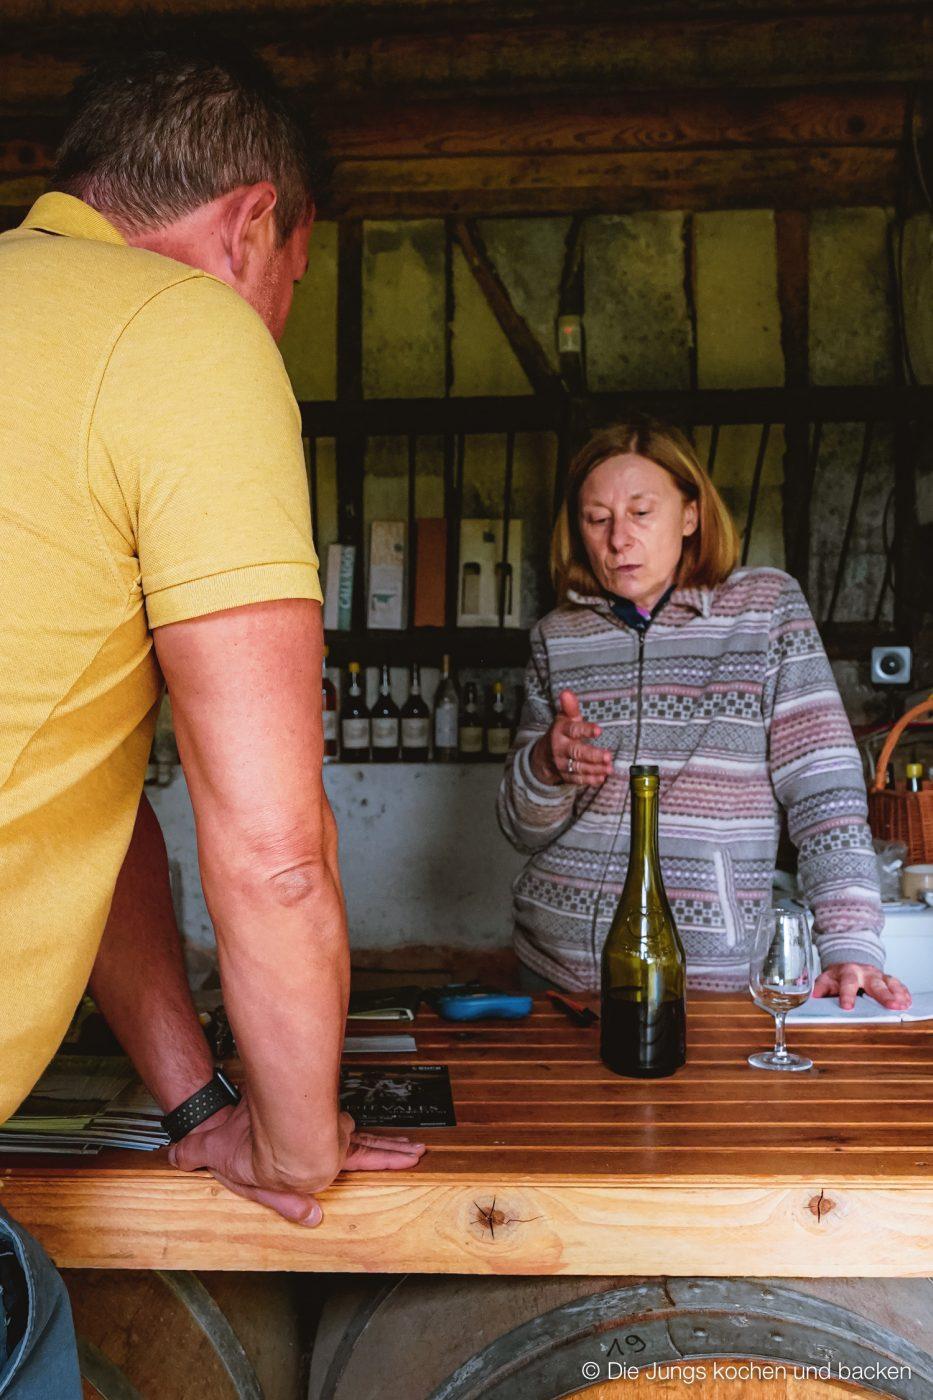 Wohnmobil Etrusco Bretagne 229 | Heute haben wir einen besonderen Reisebericht für euch, denn wir hatten eine absolute Premiere - Reisen mit einem Wohnmobil! 5 Tage lang waren wir unterwegs und unser Ziel war die wunderschöne Smaragdküste in der Bretagne. Hier haben wir es uns kulinarisch richtig gut gehen lassen, tolle Eindrücke gesammelt und vor allem unser schickes Gefährt  von Etrusco ausgiebig testen können. So viel sei verraten ... wir sind extrem angetan von einem Urlaub mit dem Wohnmobil und planen schon die nächste Wohnmobil-Tour.